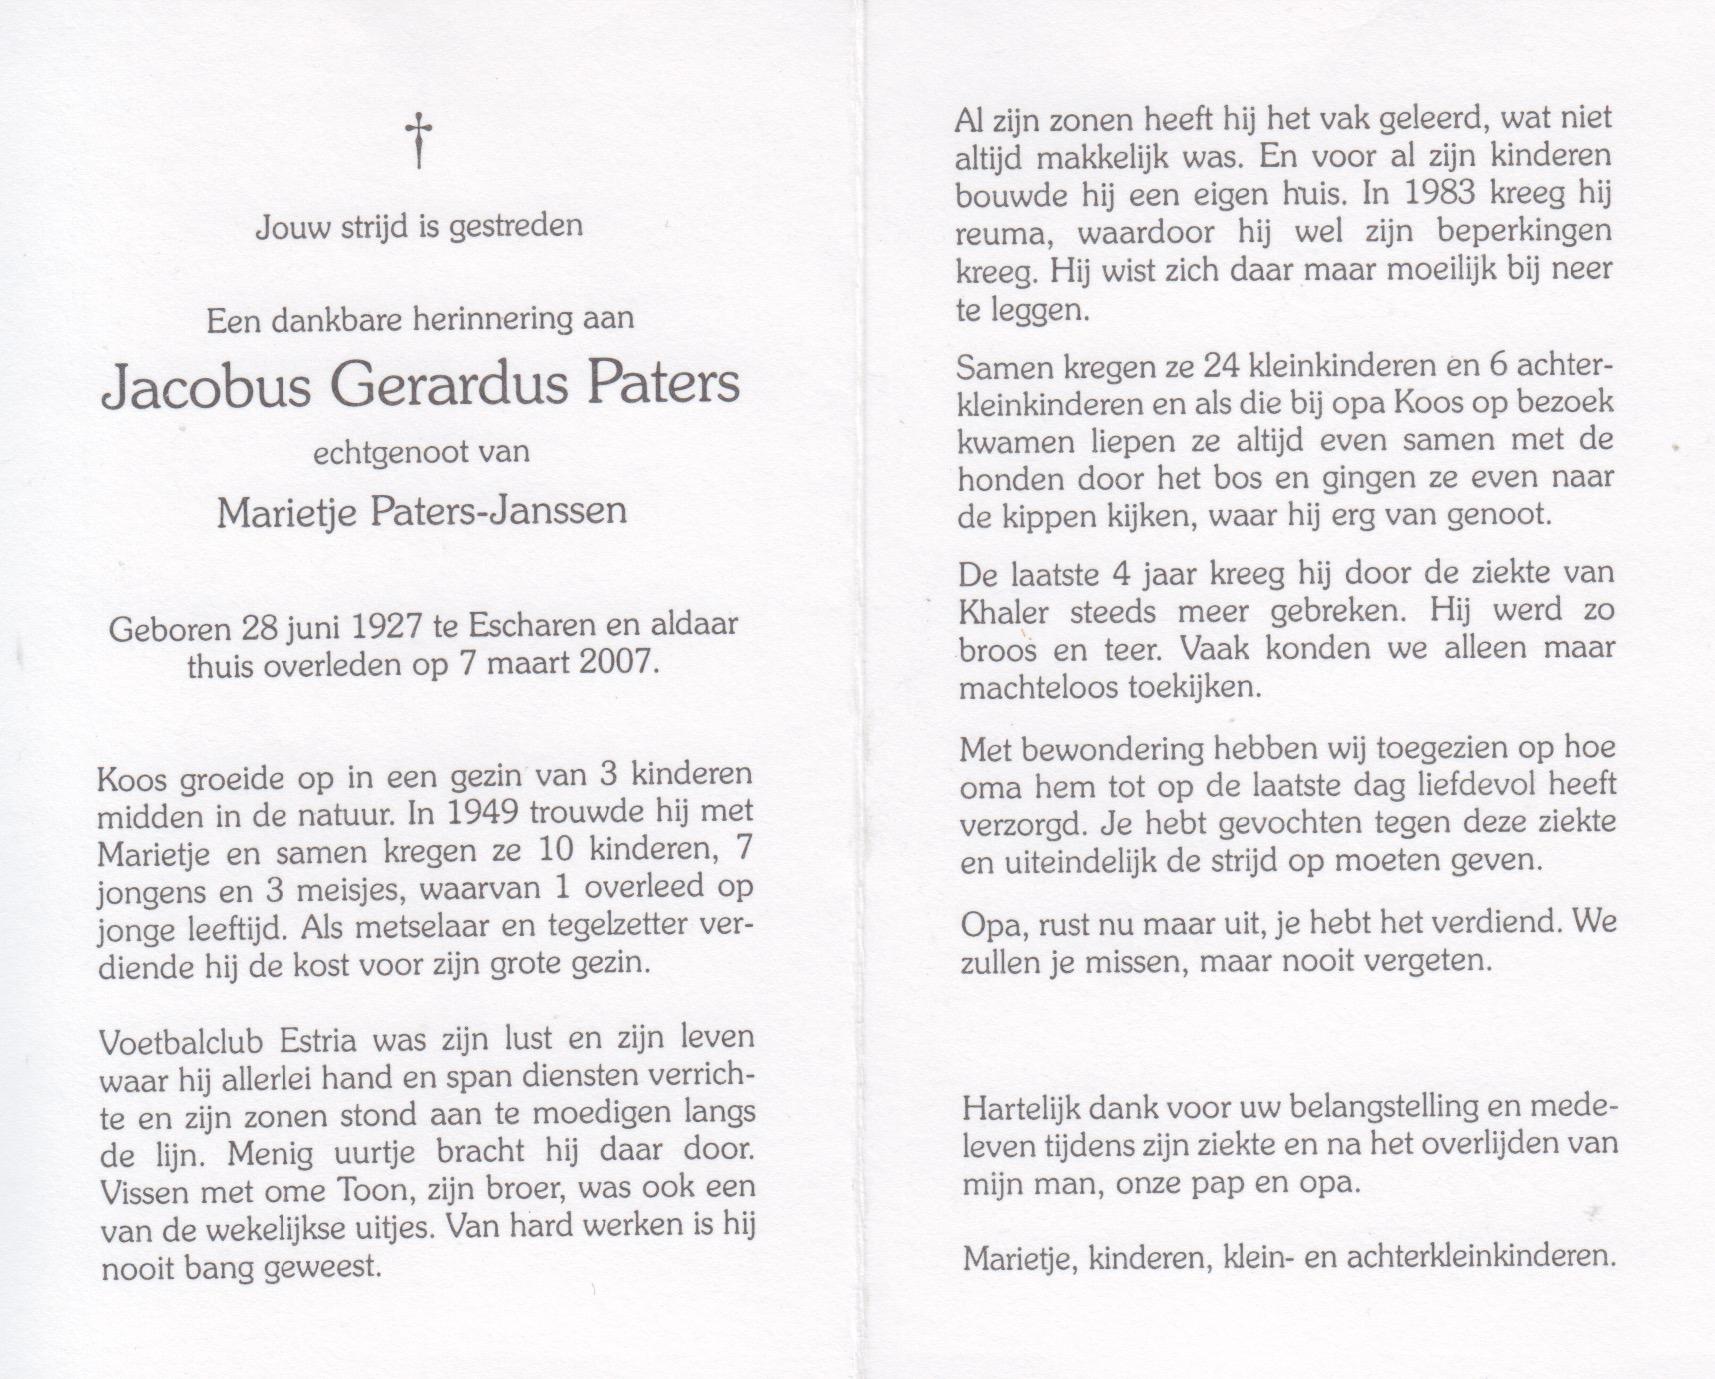 Bidprentje Jacobus Gerardus Paters